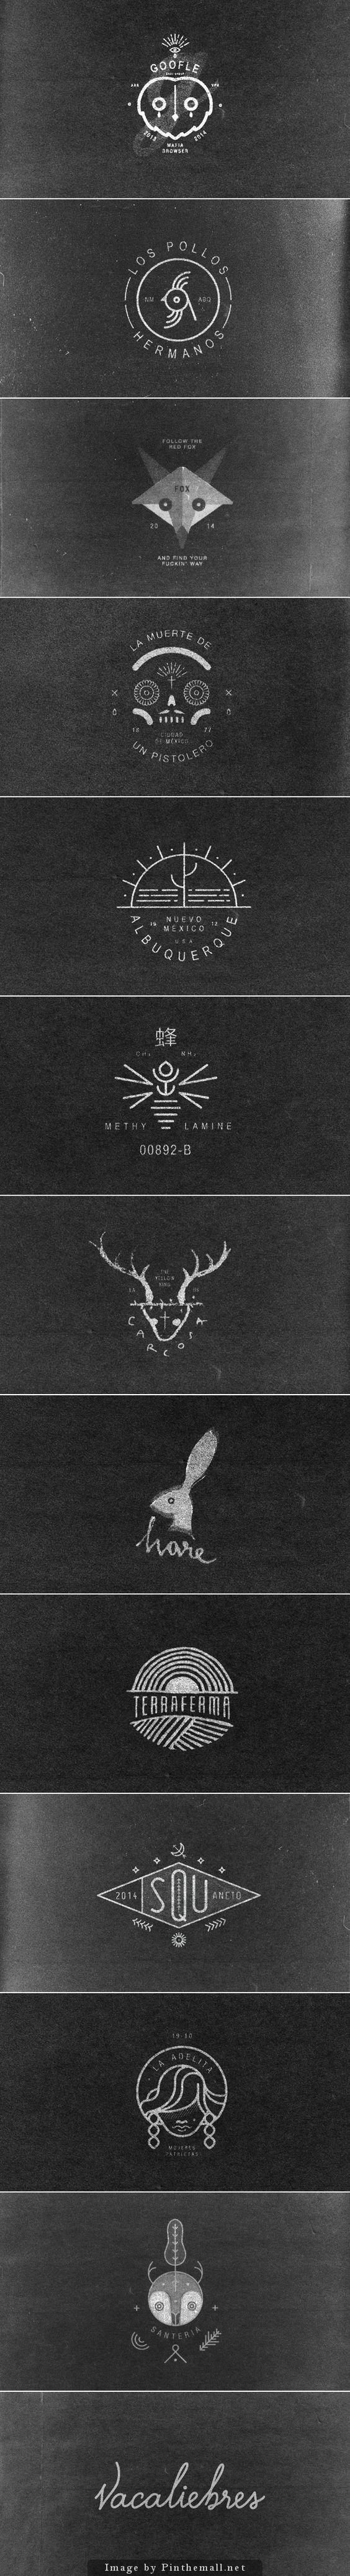 Logos | Designer: Vacaliebres #logo #identity: